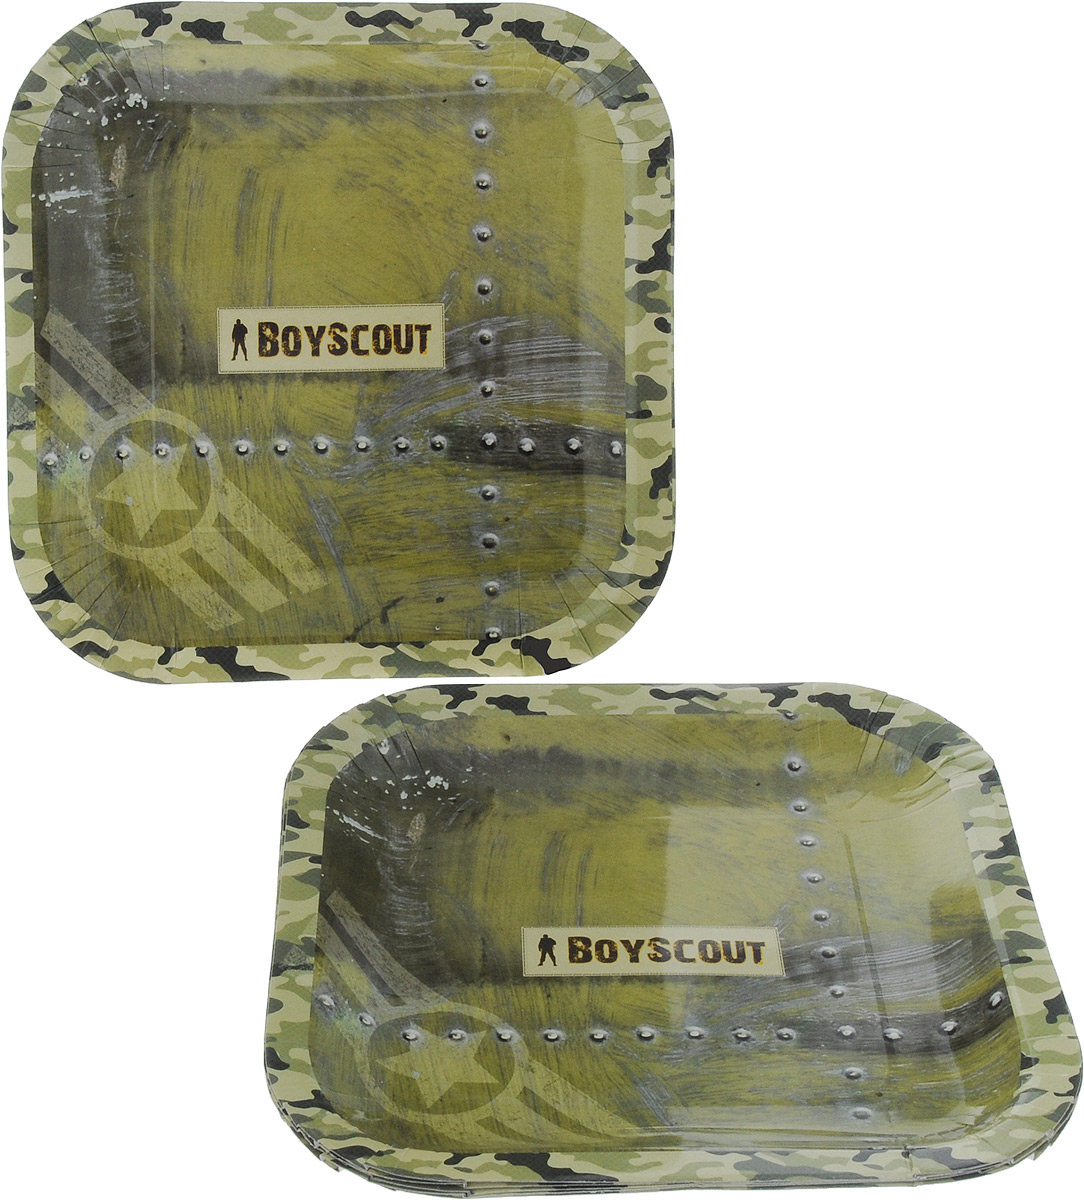 Набор одноразовых тарелок Boyscout, 23 х 23 см, 6 штFA-5125 WhiteНабор Boyscout состоит из 6 квадратных тарелок с рисунком под камуфляж, выполненных из картона с защитным покрытием. Тарелки отлично подходят для холодных и горячих продуктов. Одноразовая посуда незаменима в поездках на природу и на пикниках. Она не займет много места, легка и самое главное - после использования ее не надо мыть.